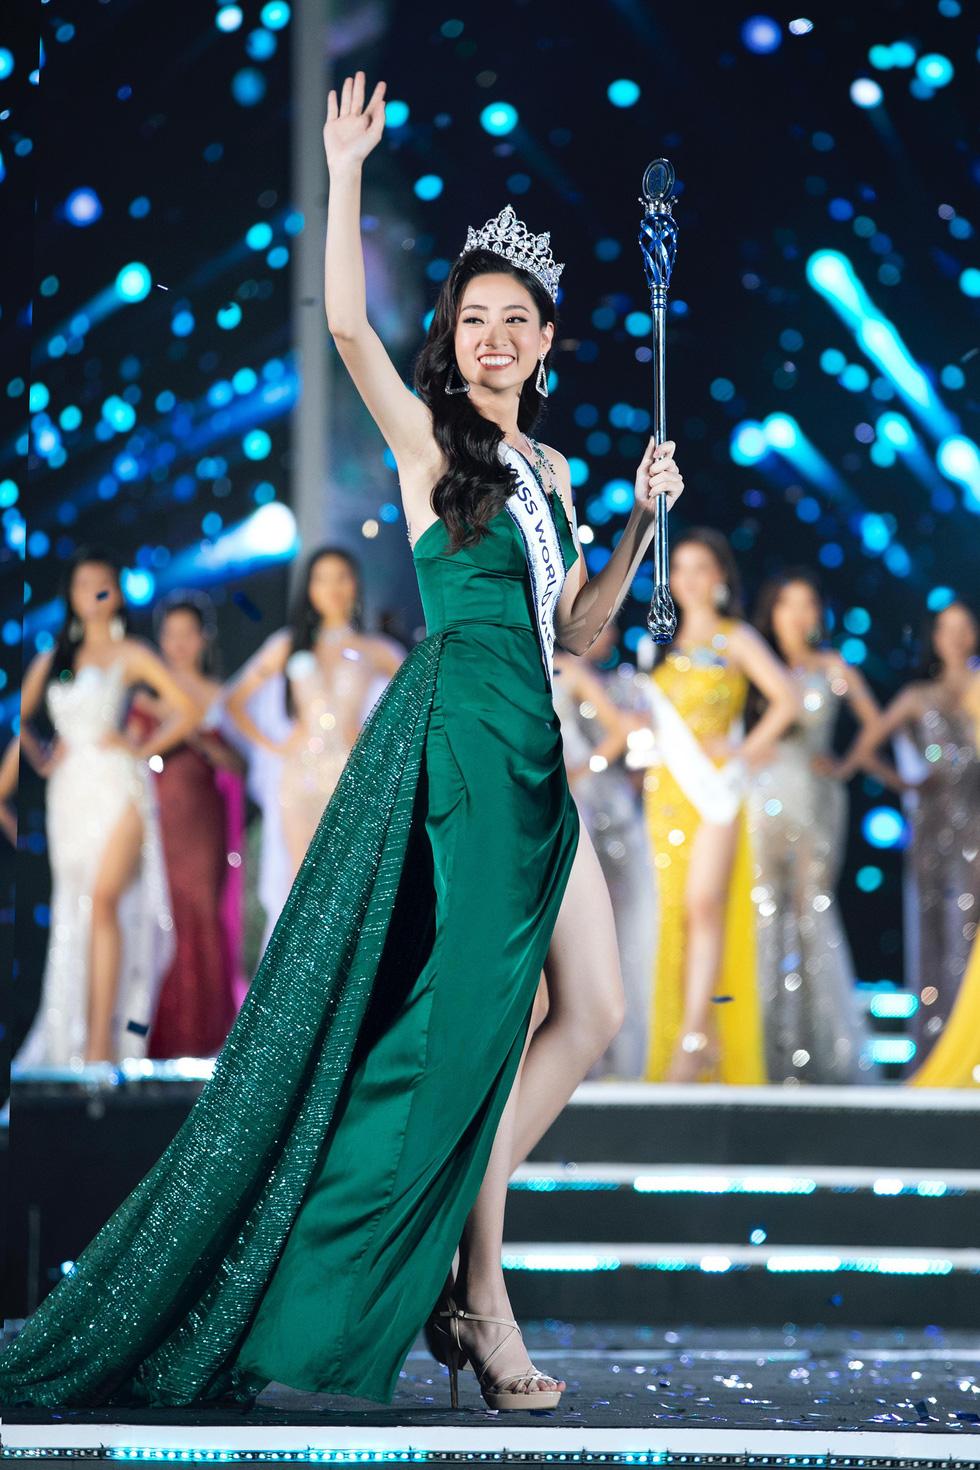 Ngắm bộ ảnh của tân Hoa hậu Thế giới Việt Nam 2019 Lương Thùy Linh - Ảnh 2.